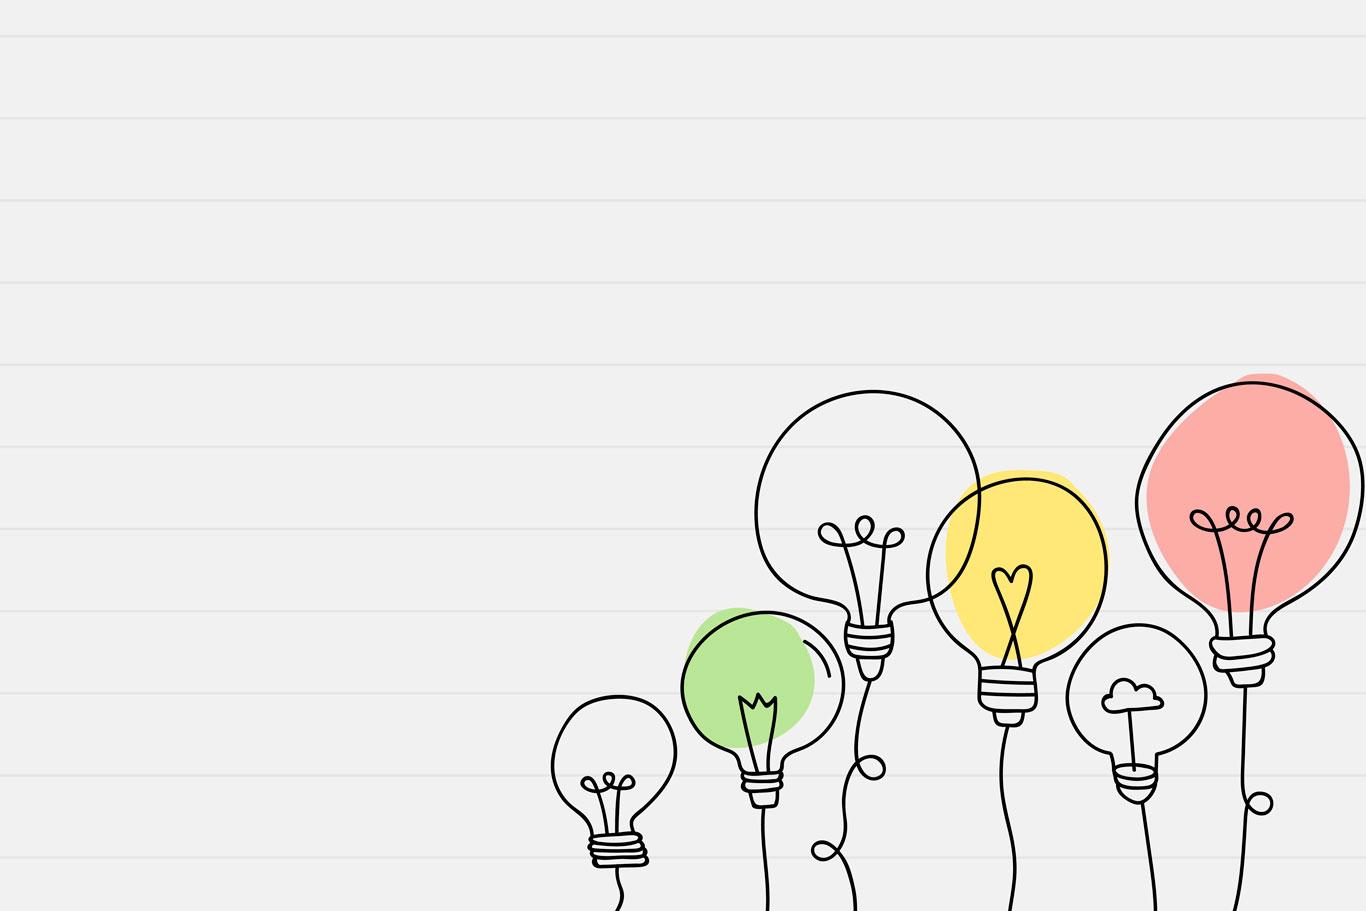 Καινοτόμες Ιδέες